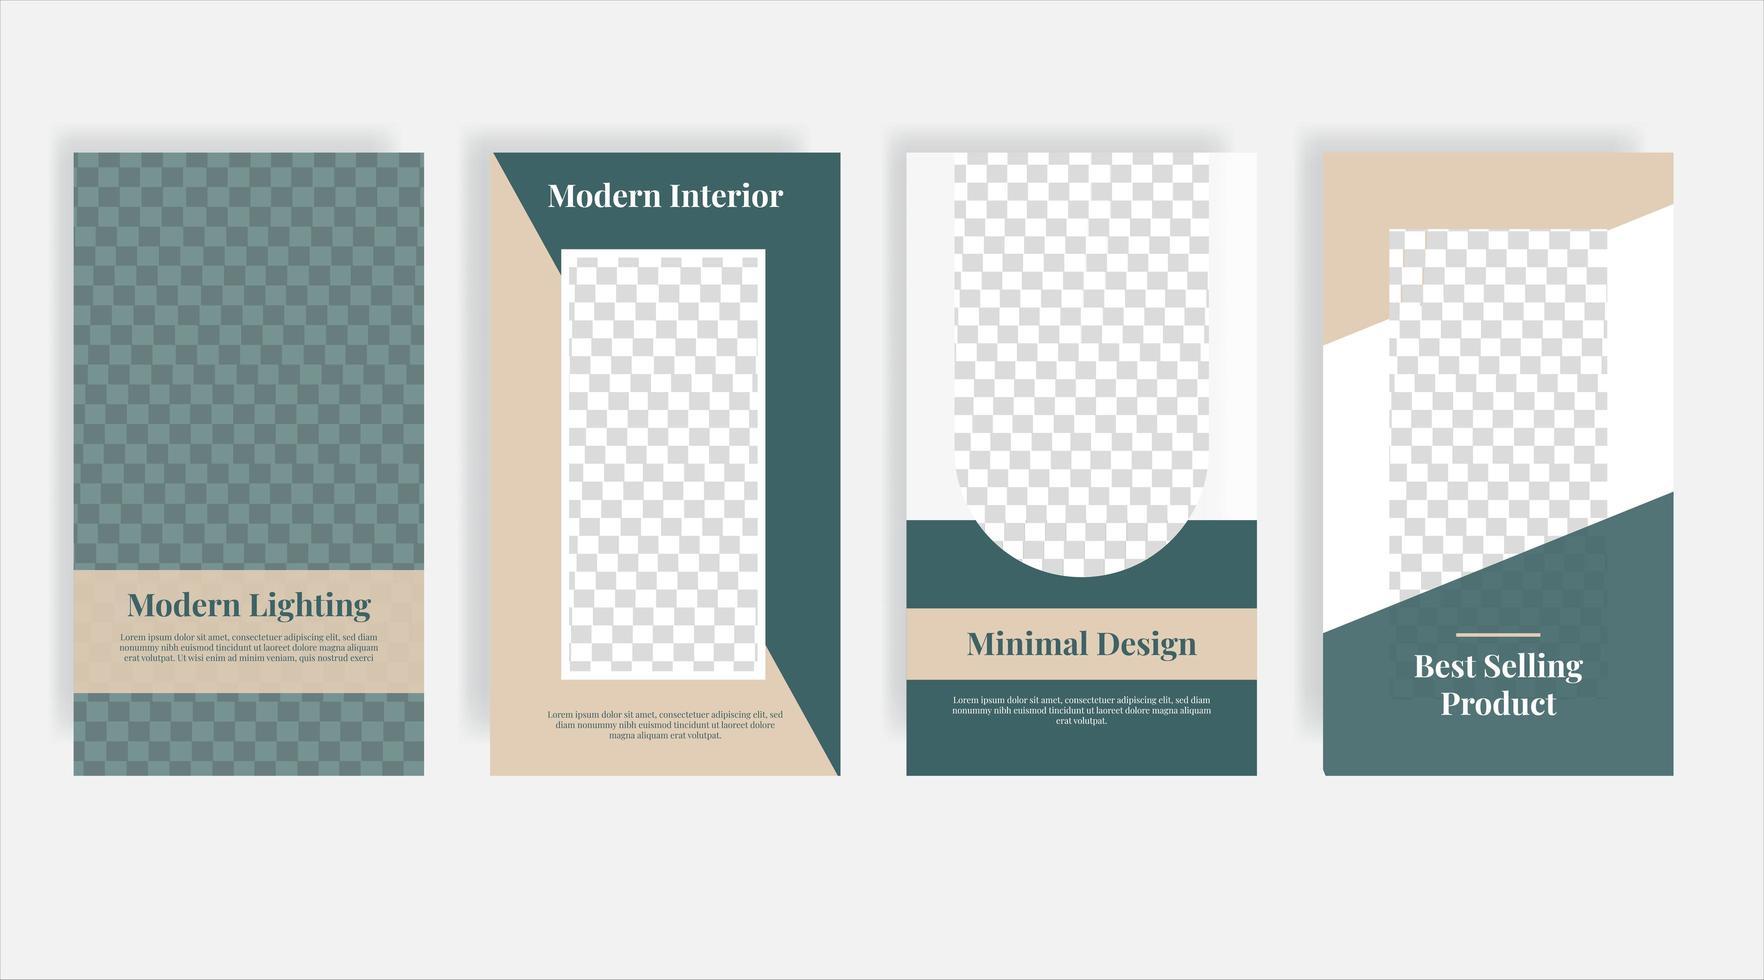 moderna möbler sociala medier post mall banner vektor